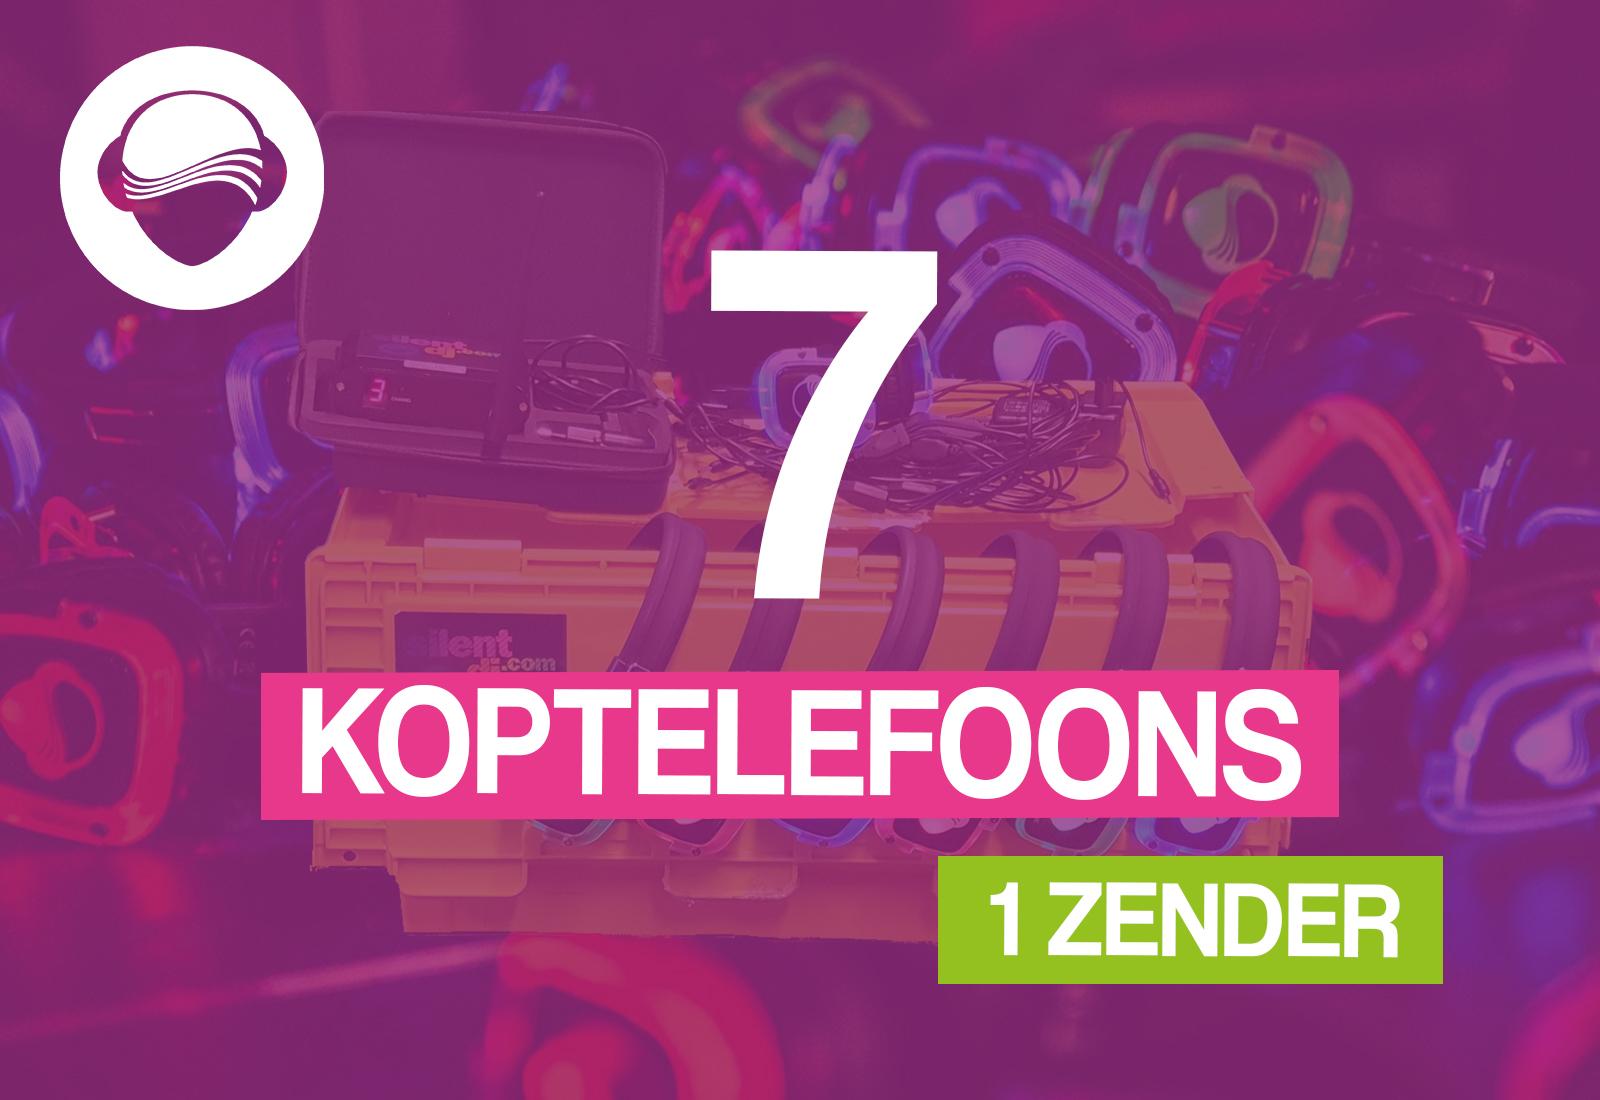 7 koptelefoons + 1 zender €50,-